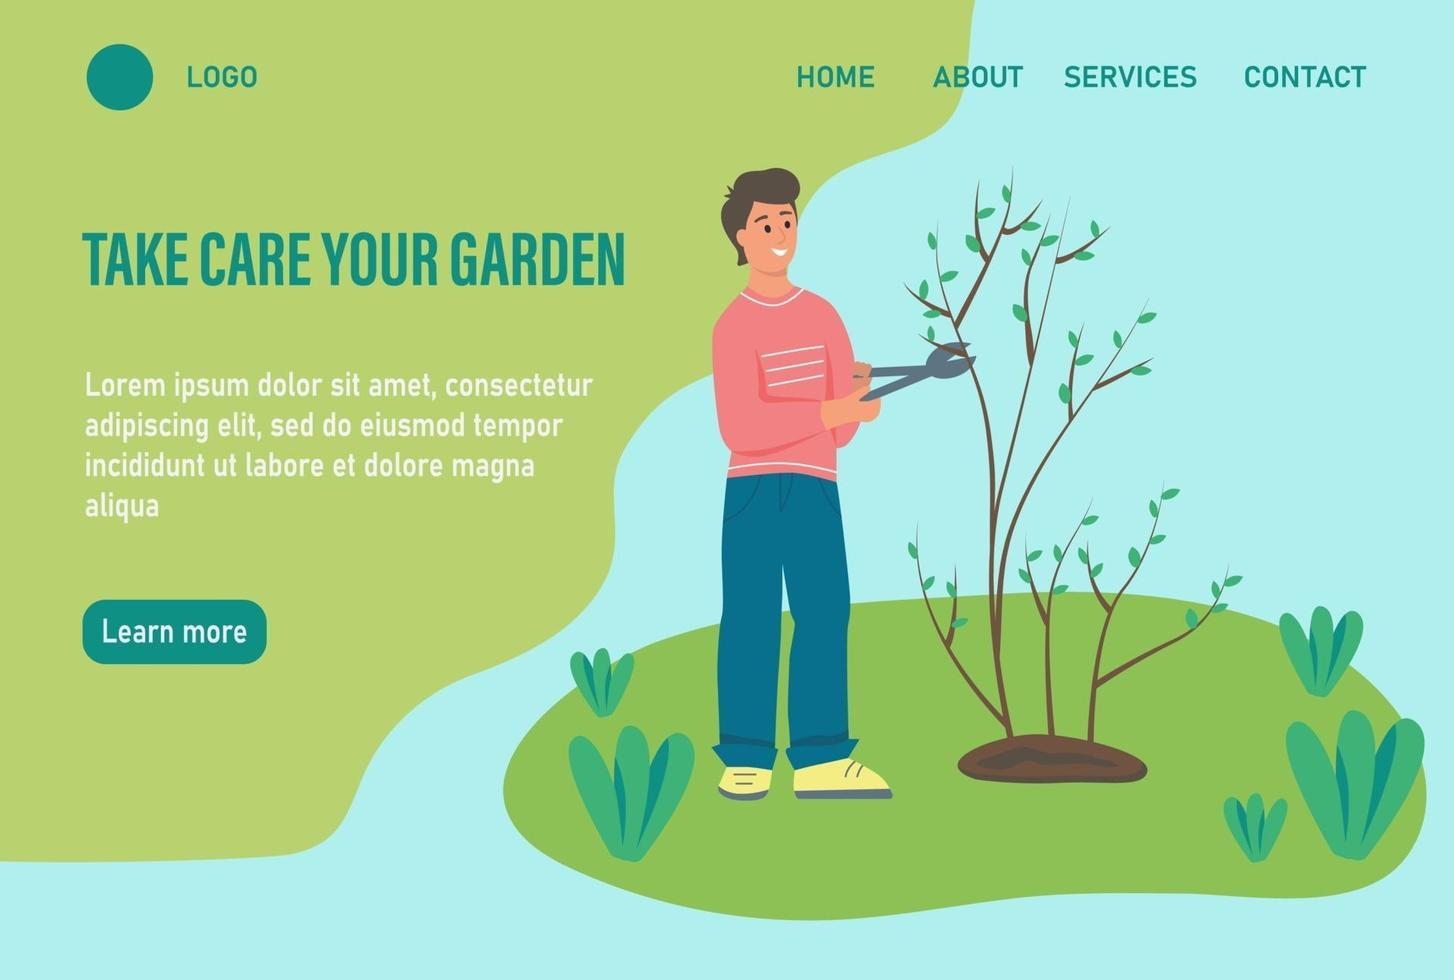 modelo de página da web de destino de jardinagem vetor